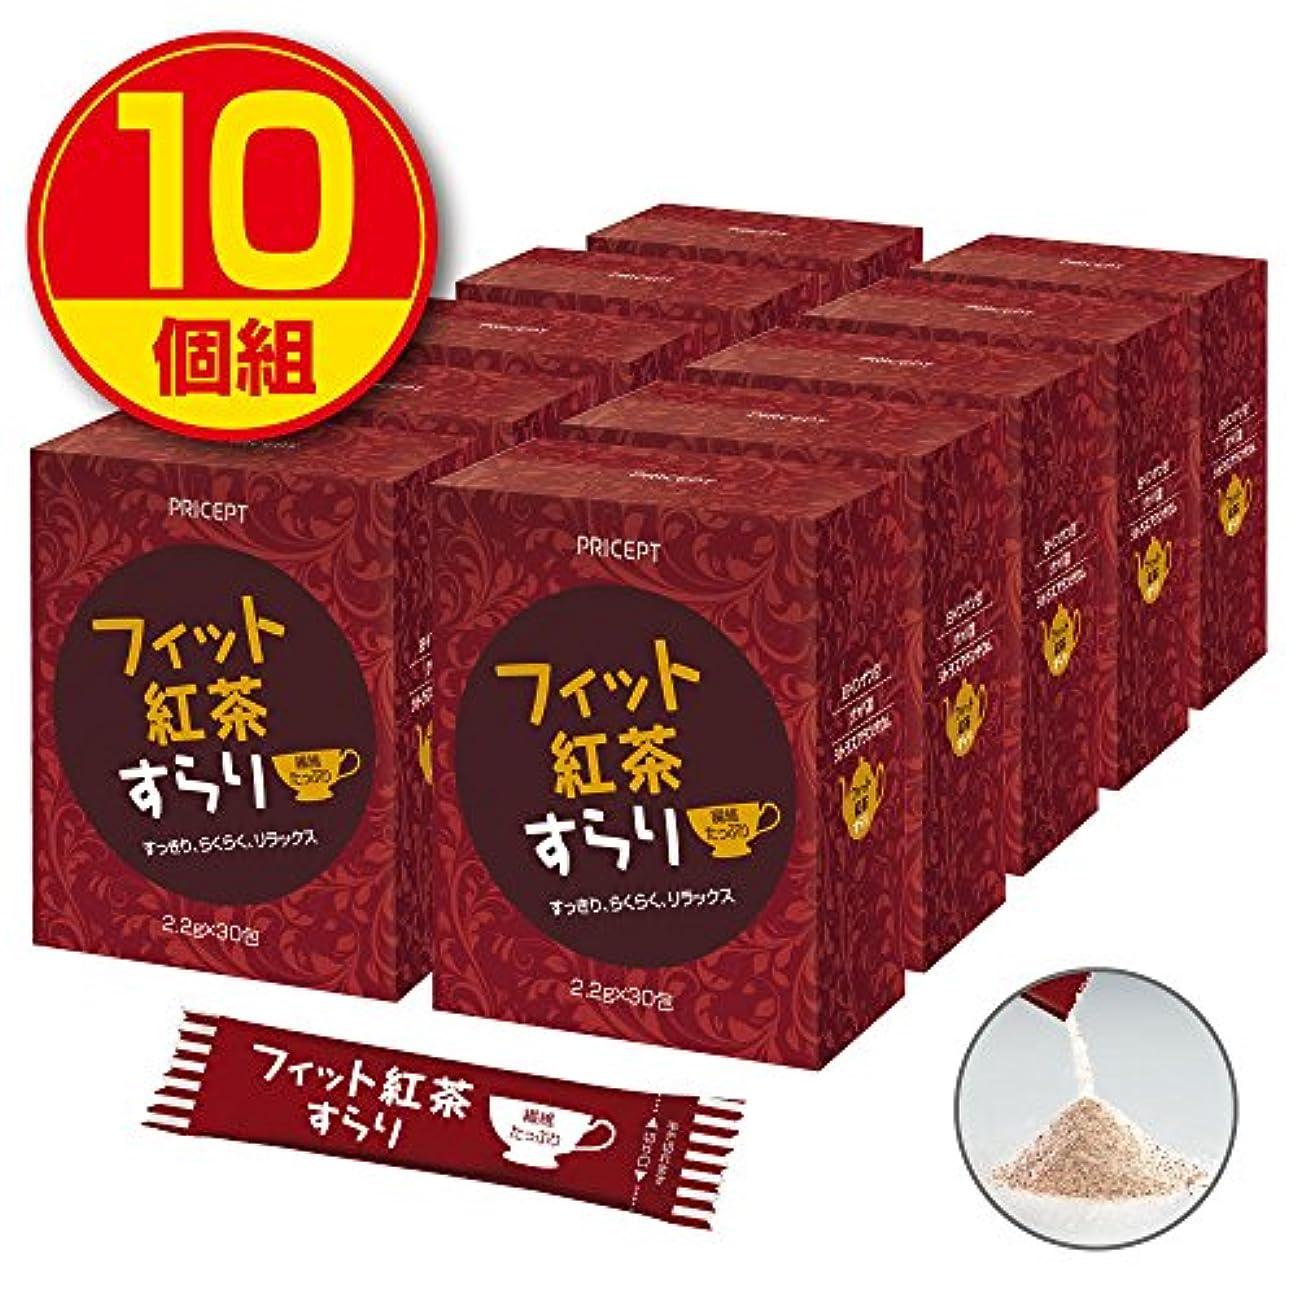 是正するグレー処理するプリセプト フィット紅茶すらり(30包)【10個組?300包】(食物繊維配合ダイエットサポート紅茶)